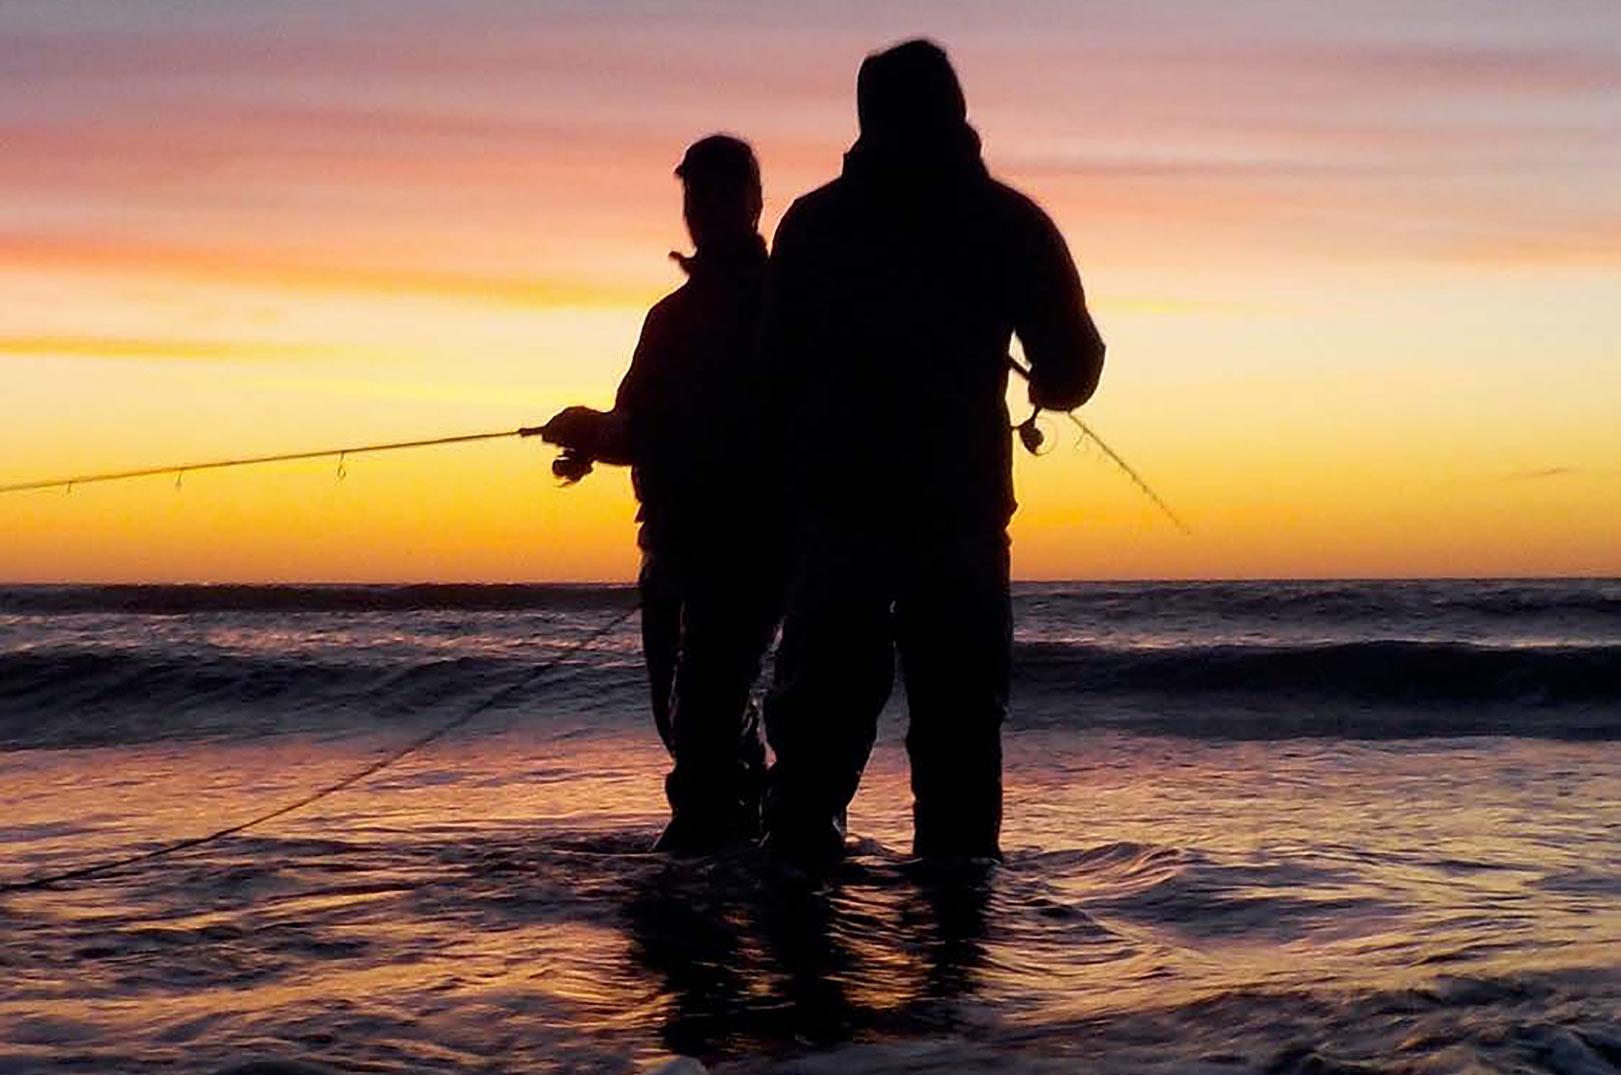 olnedgangen på vestkysten er noget af det smukkeste at afslutte en fiskedag med. Her er det Stefan og Rune som fisker side om side, men i hver sin retning af et revle gennembrud. Læg mærke til hvor lavt vandet er. Det var i dette ankeldybe vand at pighvarerne befandt sig